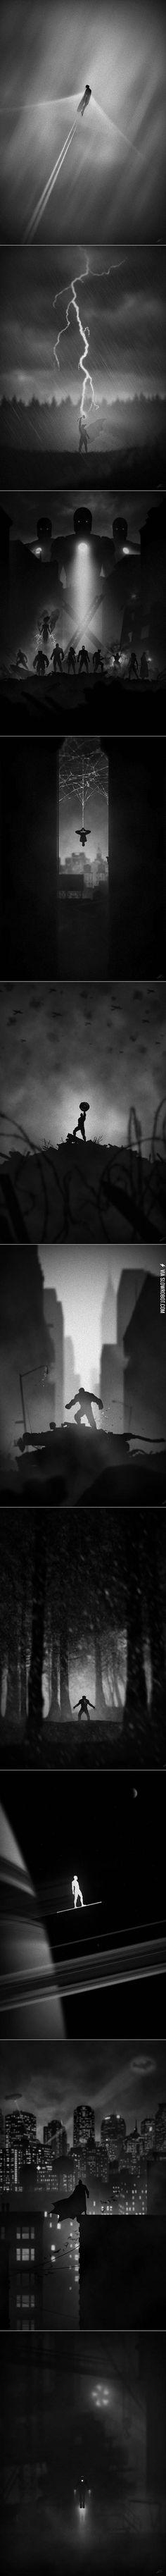 Eerie superhero posters